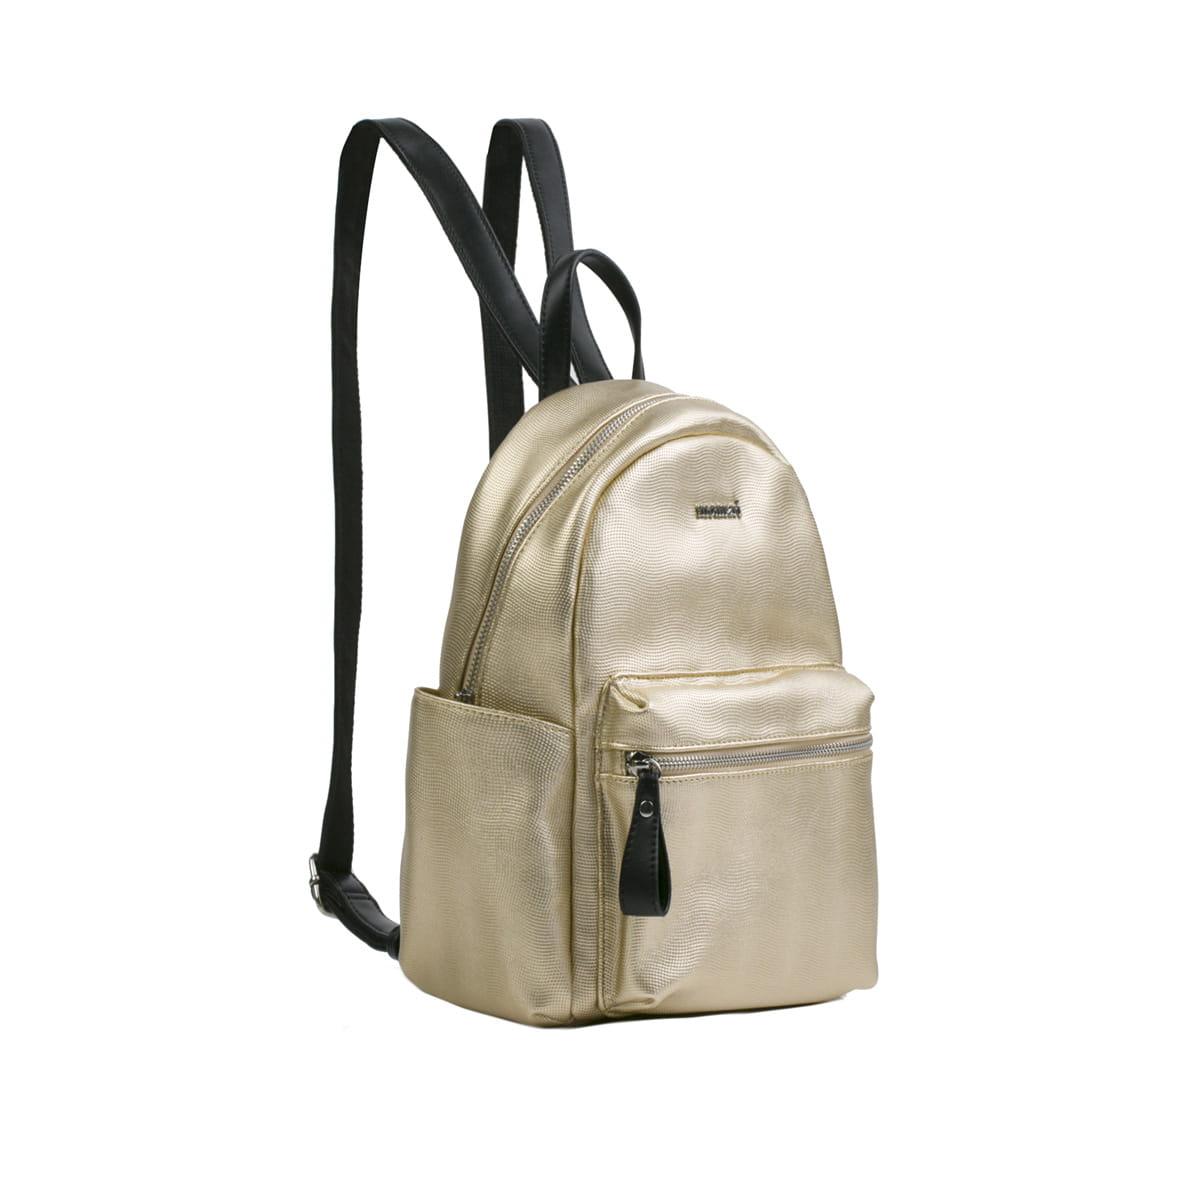 57cc75c8f580f Monnari Torebka Damska plecak BAG 0920 złoty. shoper4.jpg. nowość.  shoper4.jpg · 2.jpg ...